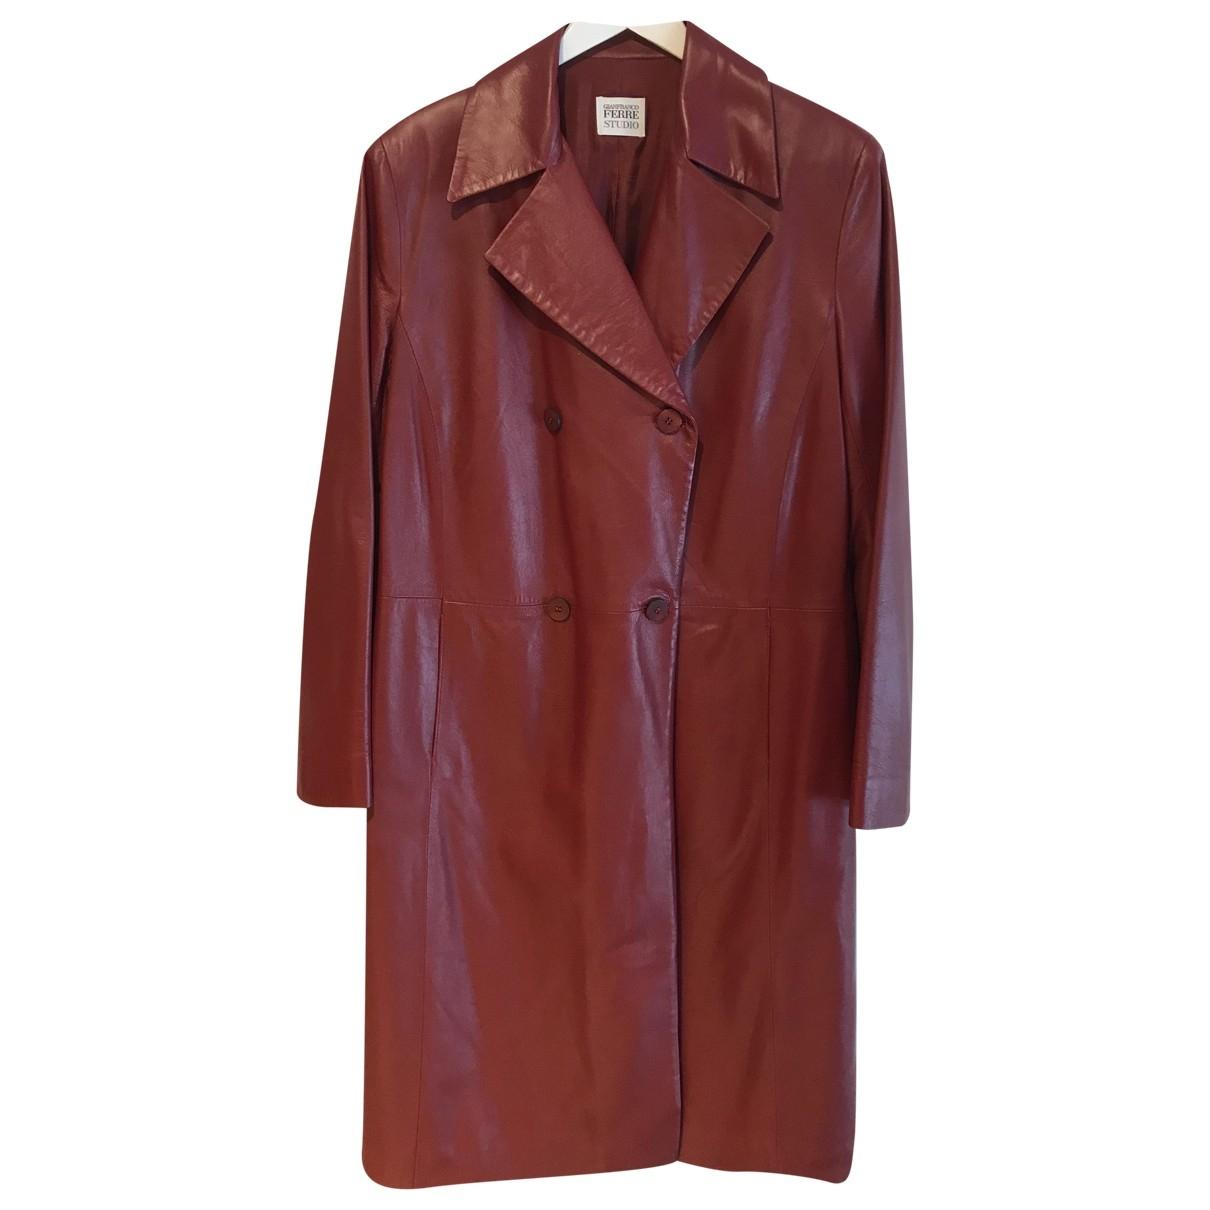 Gianfranco Ferre - Manteau   pour femme en cuir